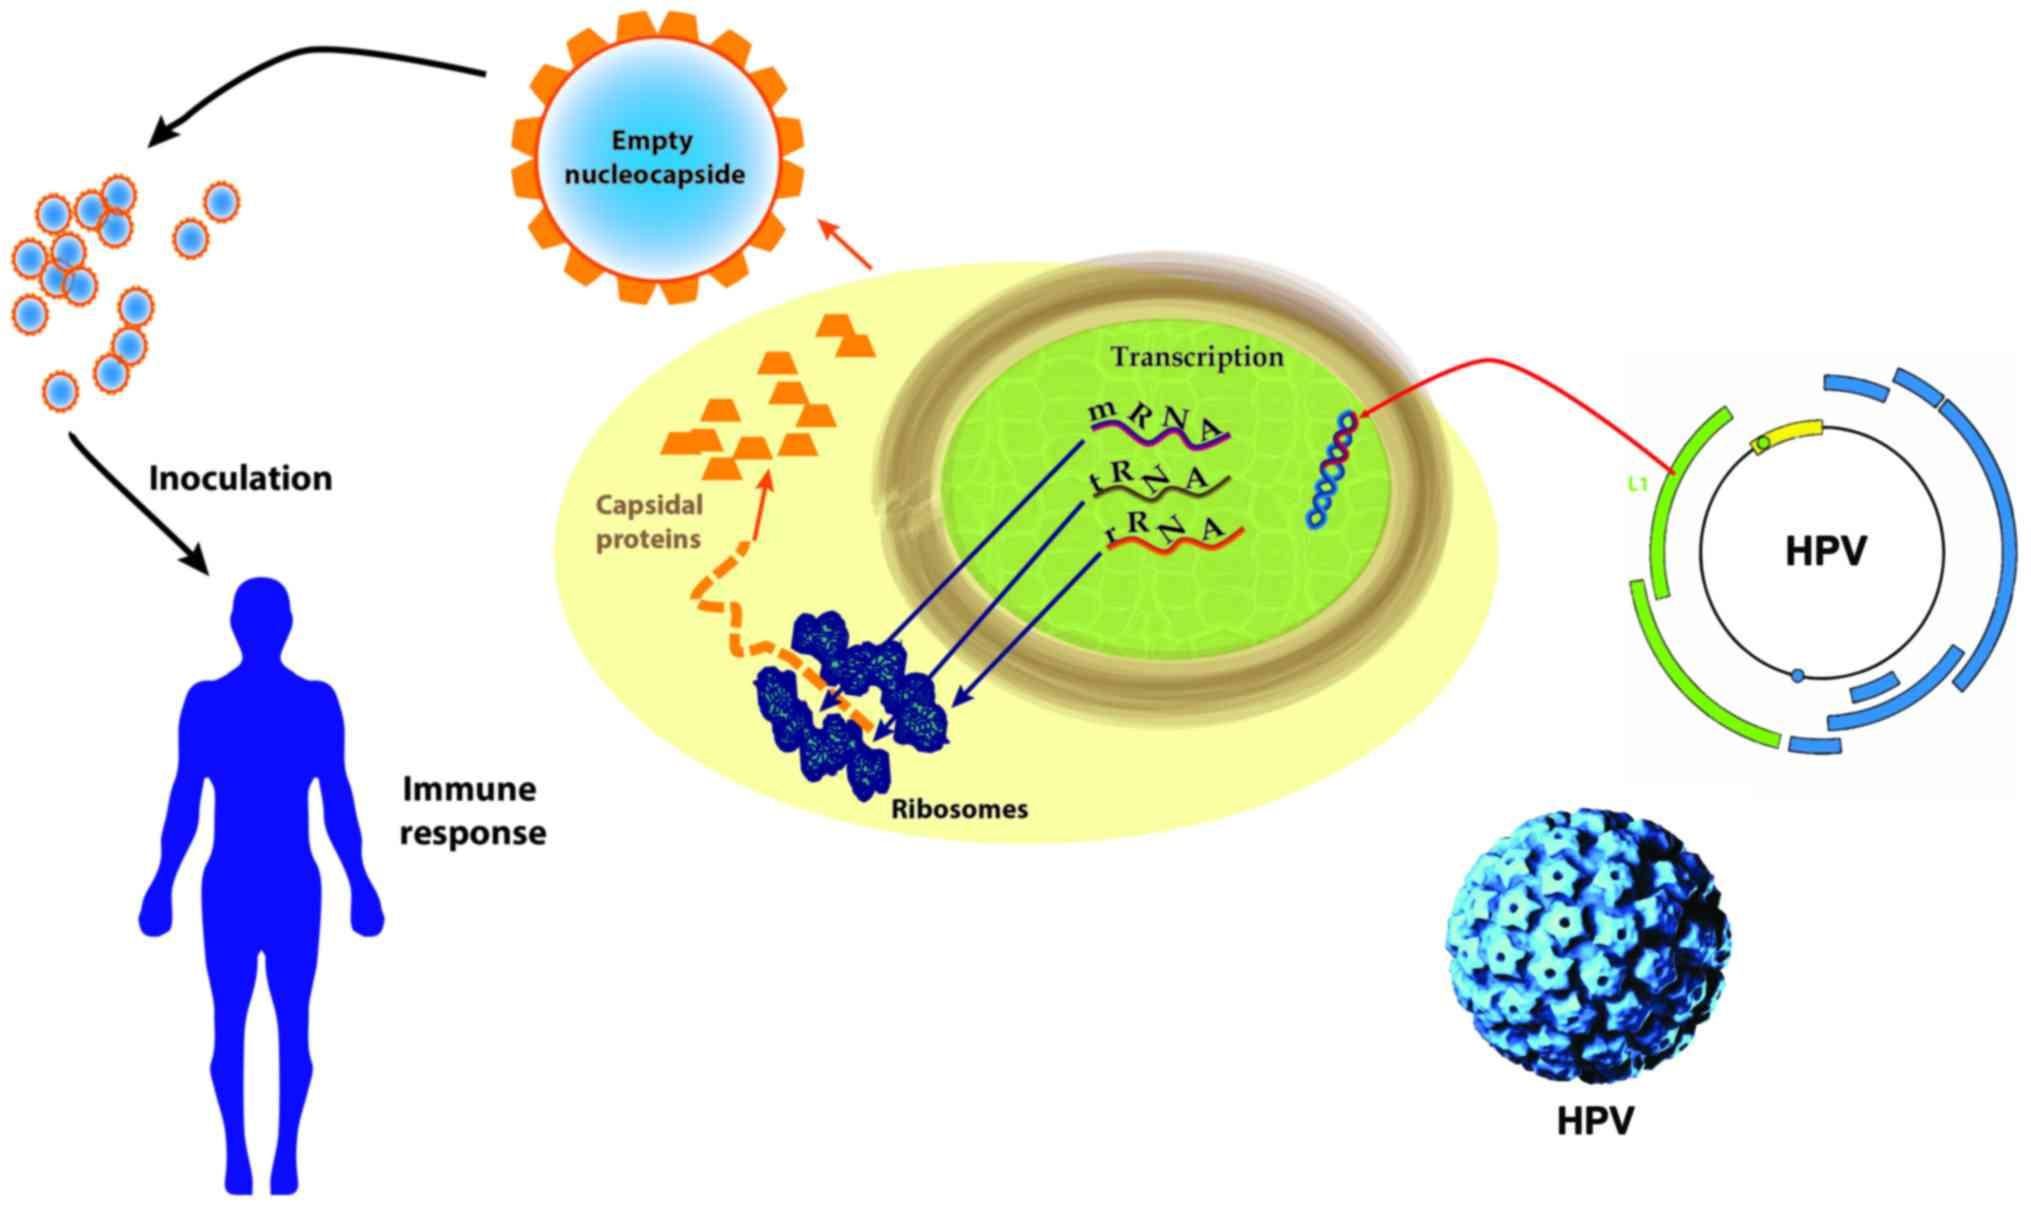 hpv virus dormant